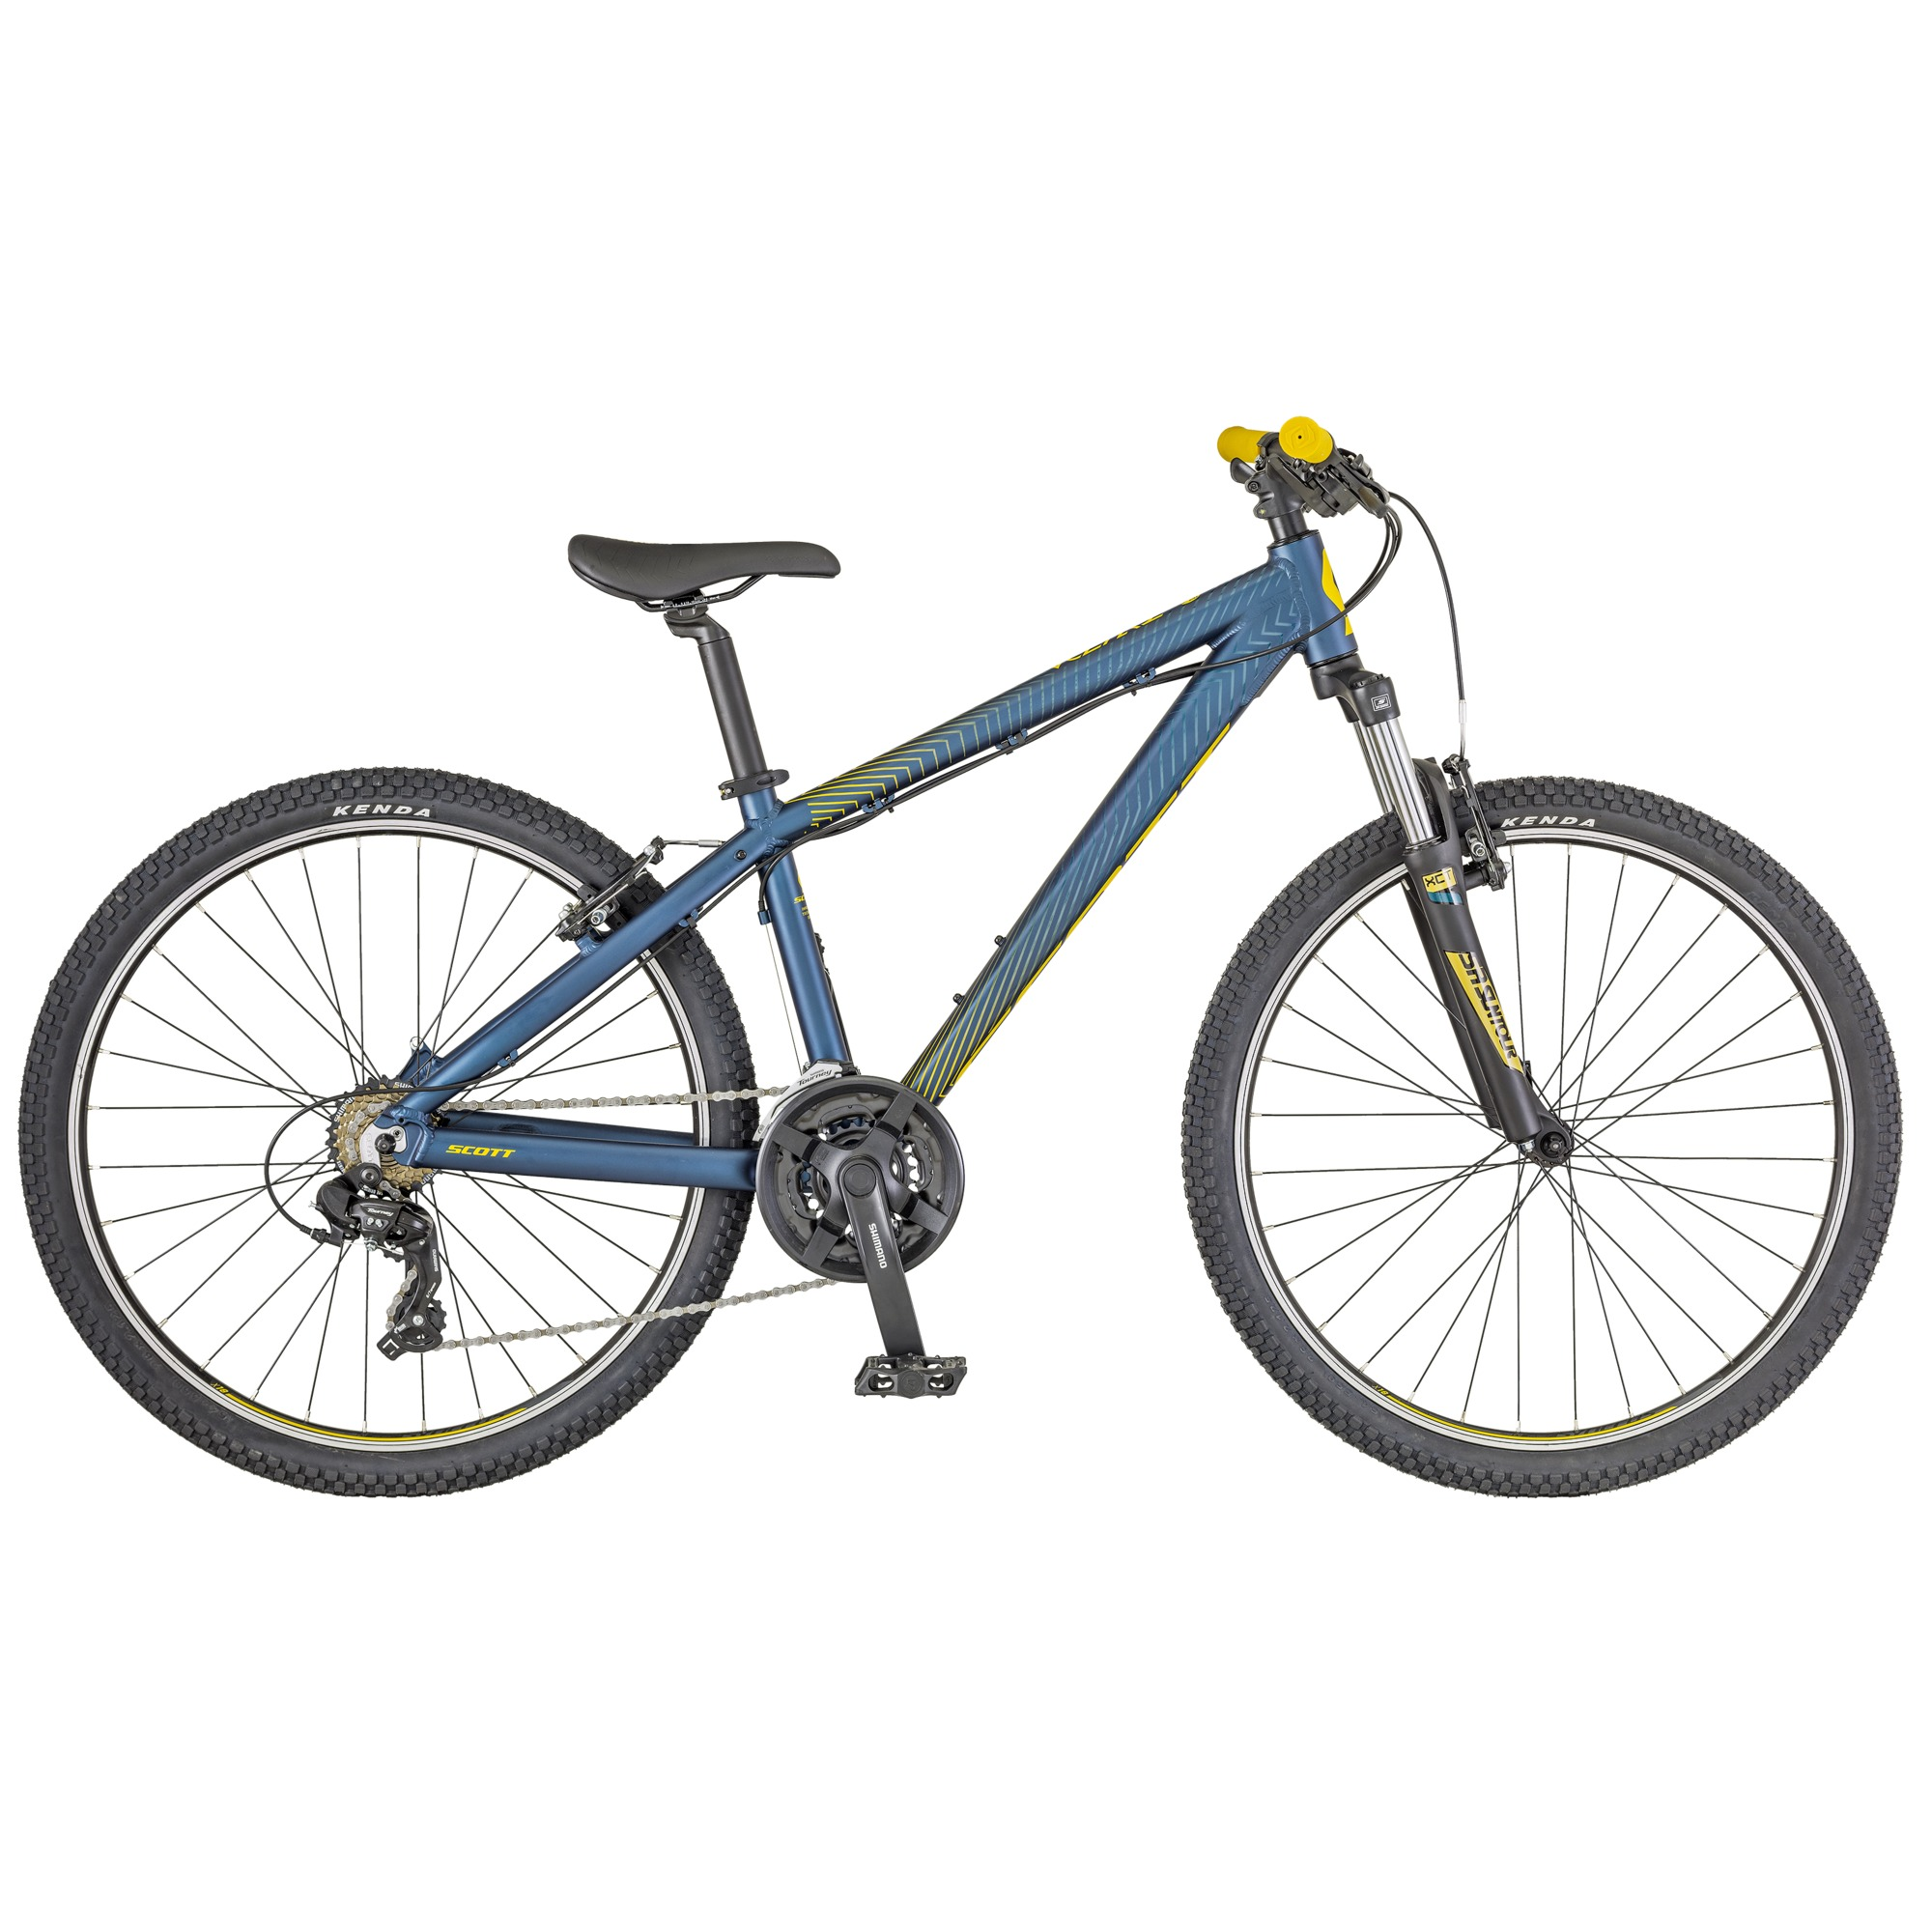 SCOTT Voltage JR 26 Bike 26